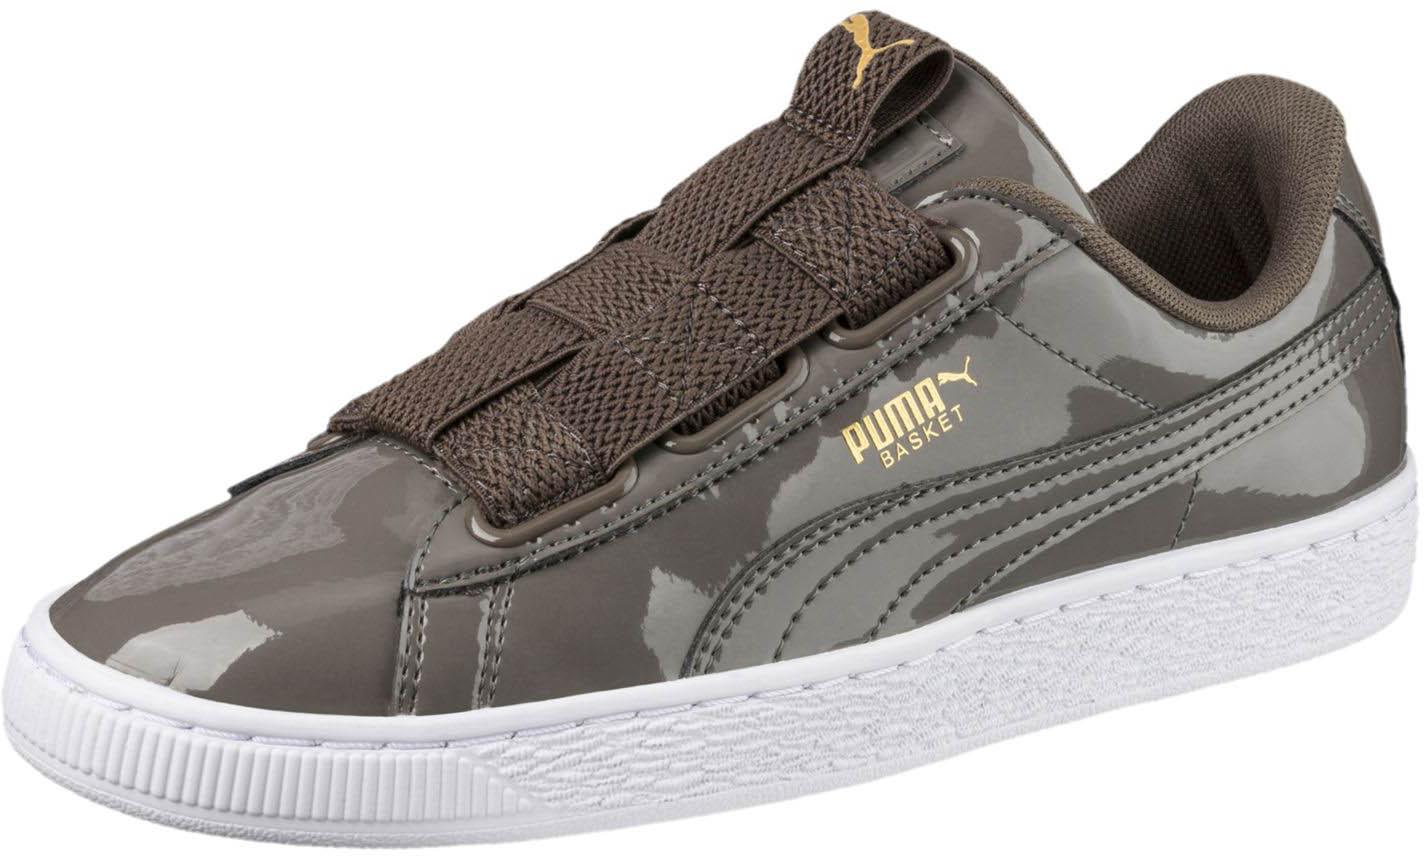 cdf82cc541 PUMA - Womens Basket Maze Shoes